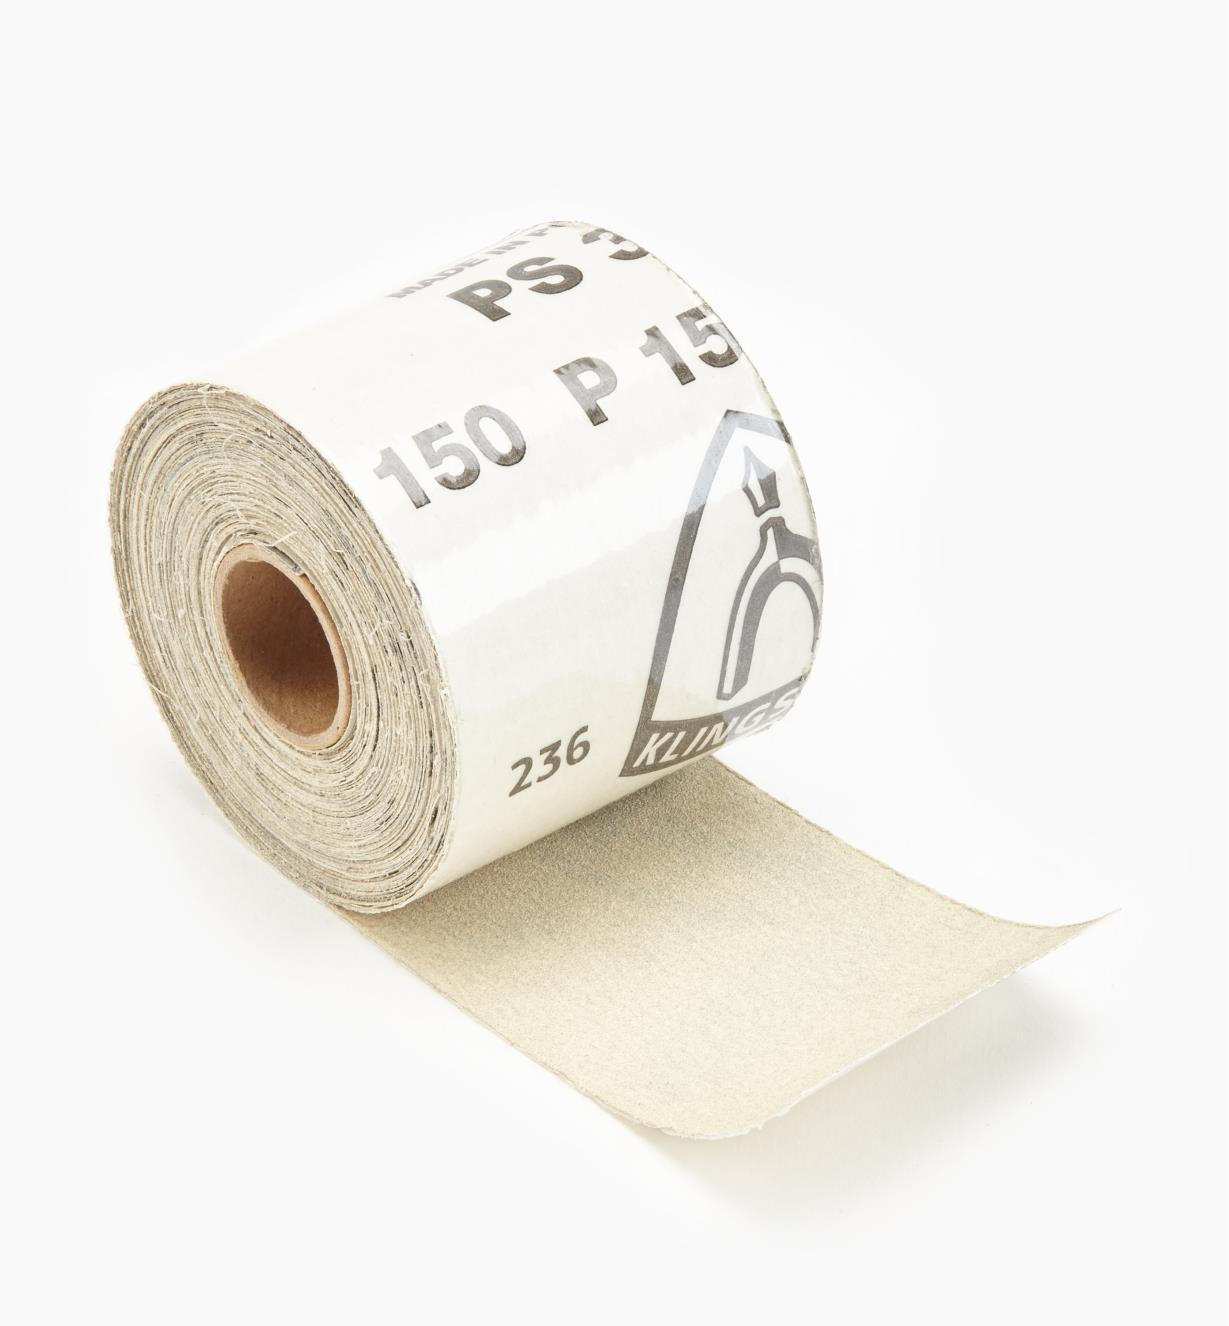 68Z7204 - Rouleau de papier autocollant de 30 pi, grain150